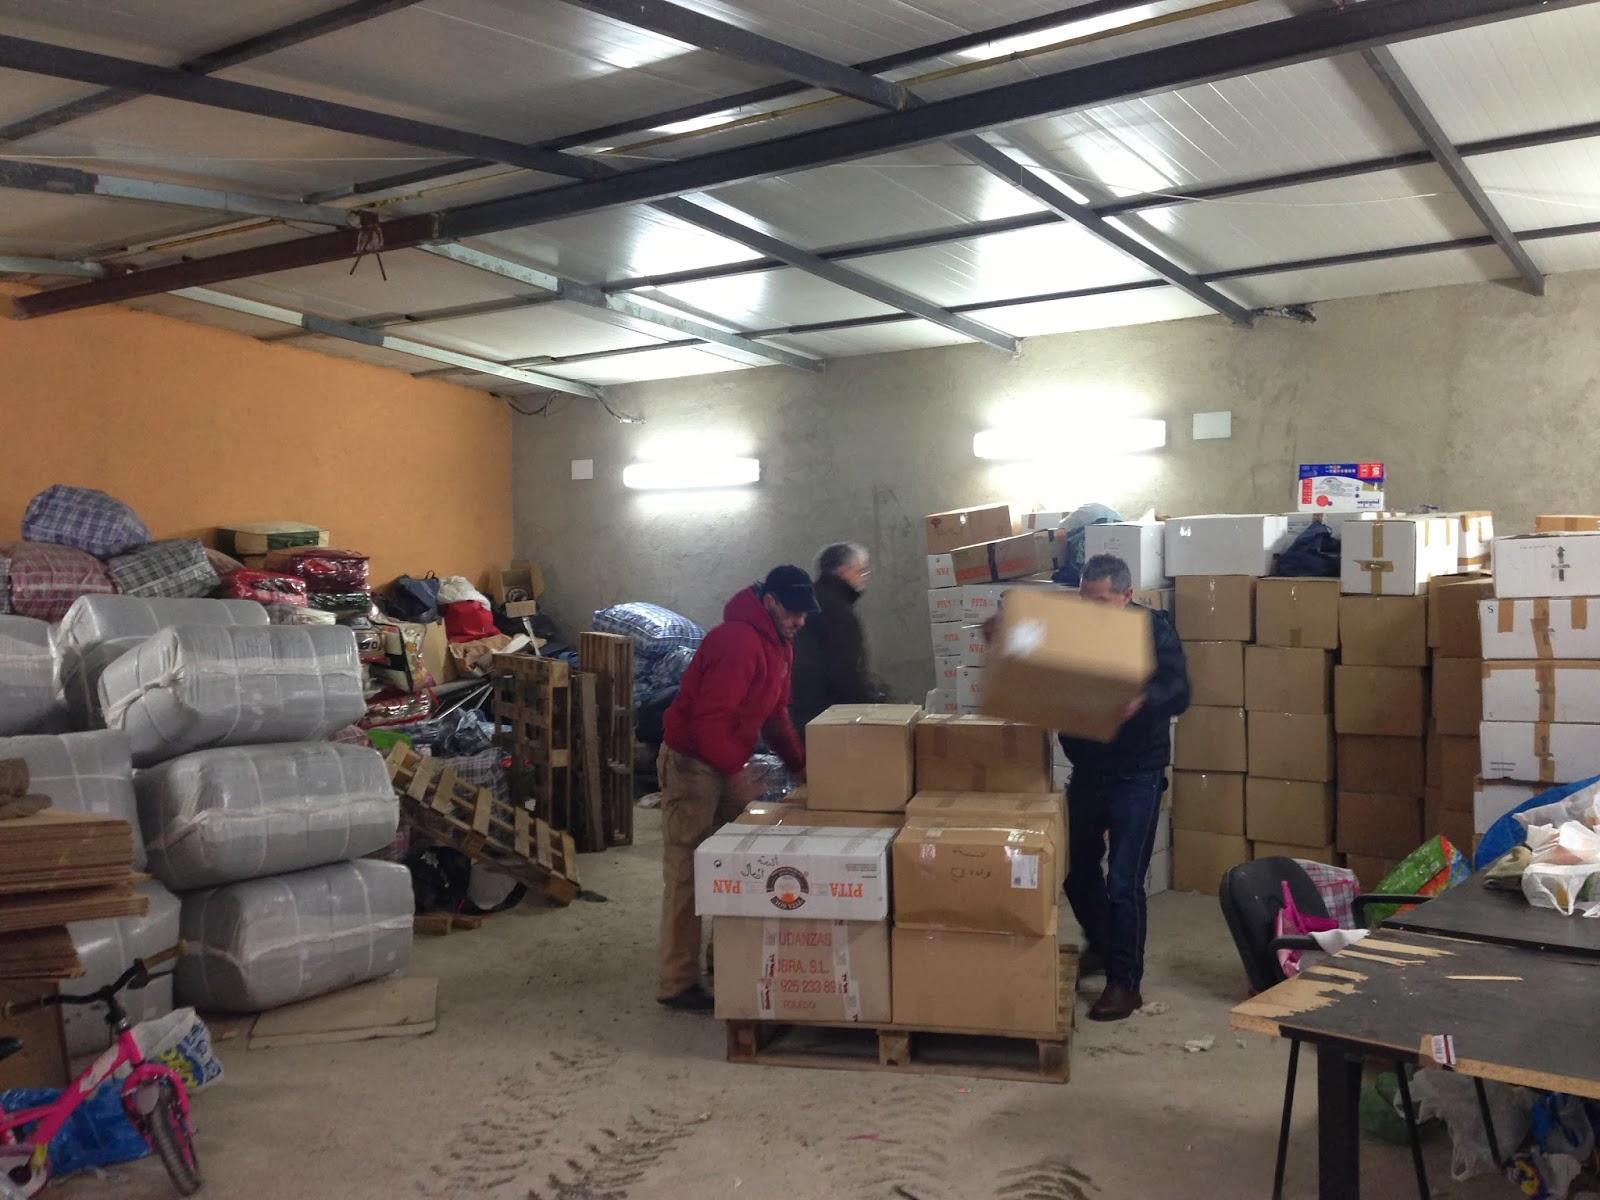 Llega el contenedor de ayuda humanitaria enviado por la Comunidad Islámica de España a Siria